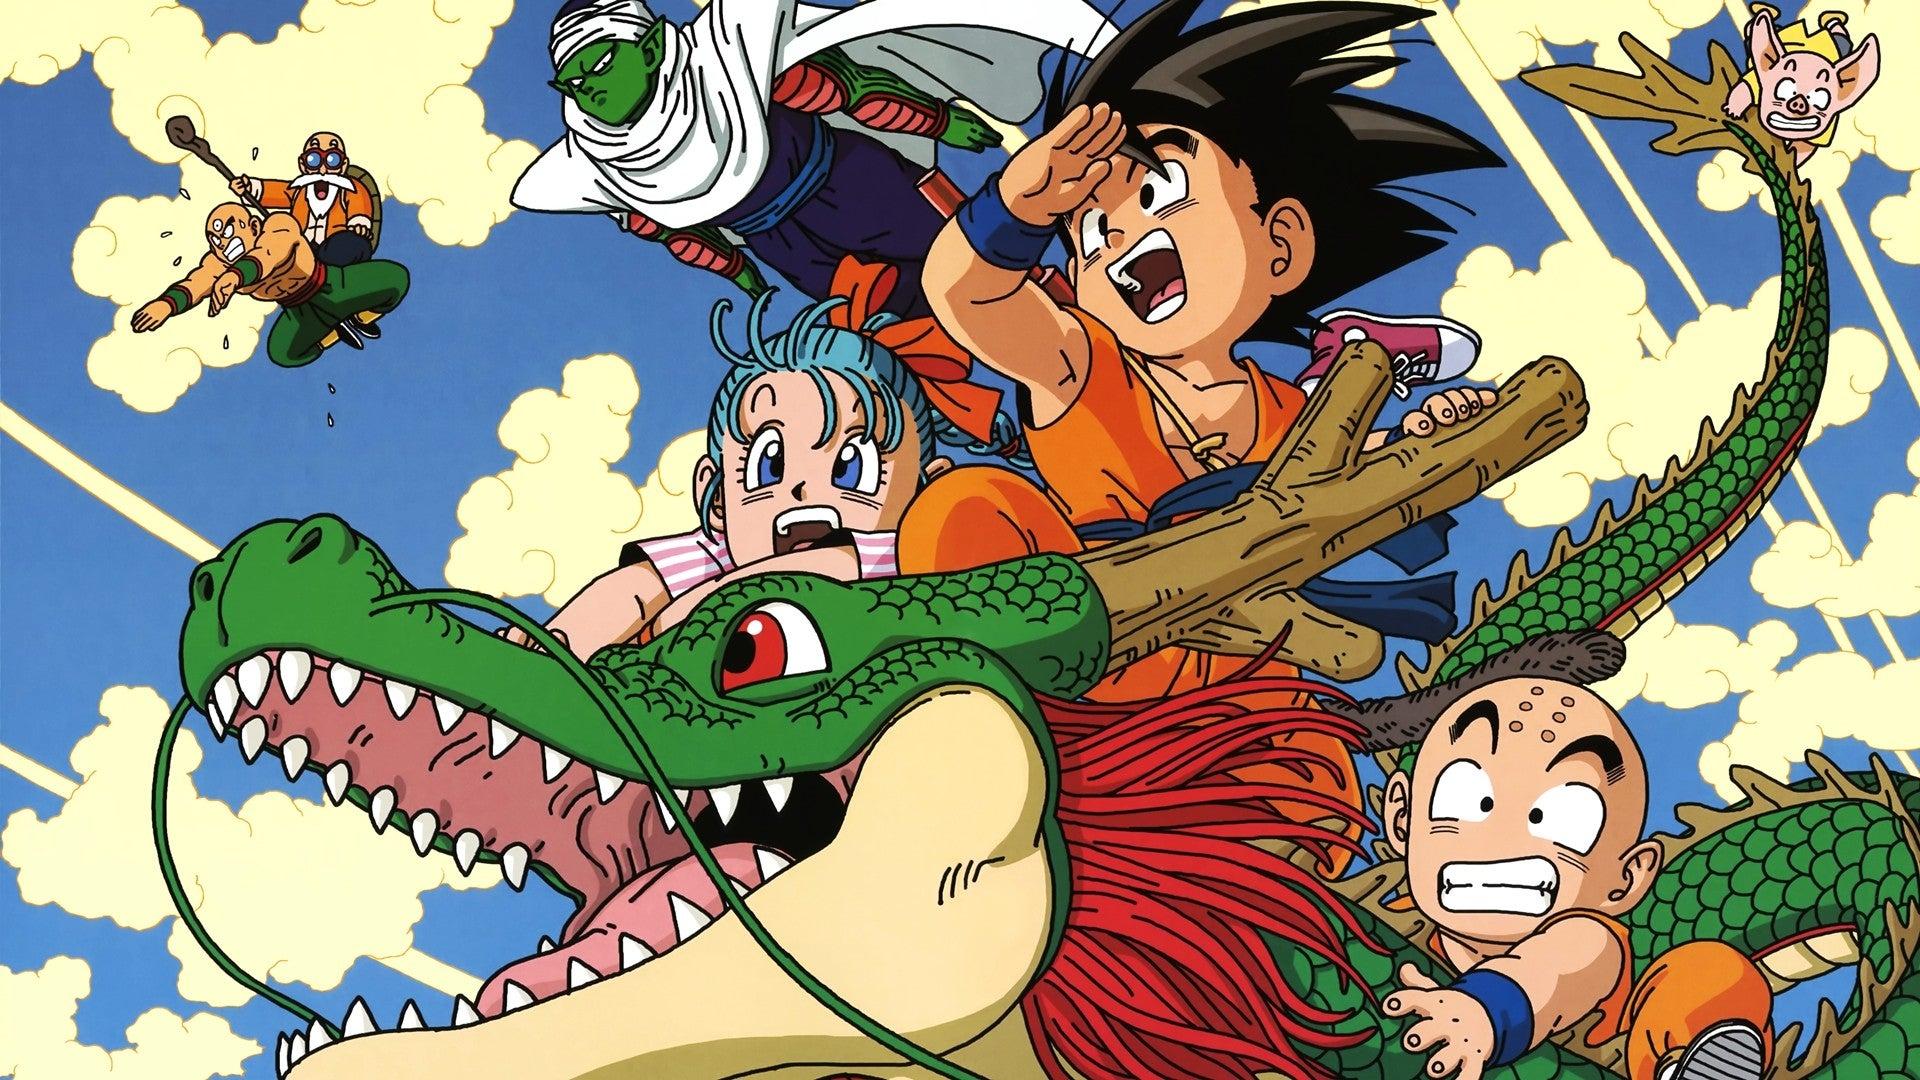 Dopo 18 anni torna Dragon Ball, più splendido che mai